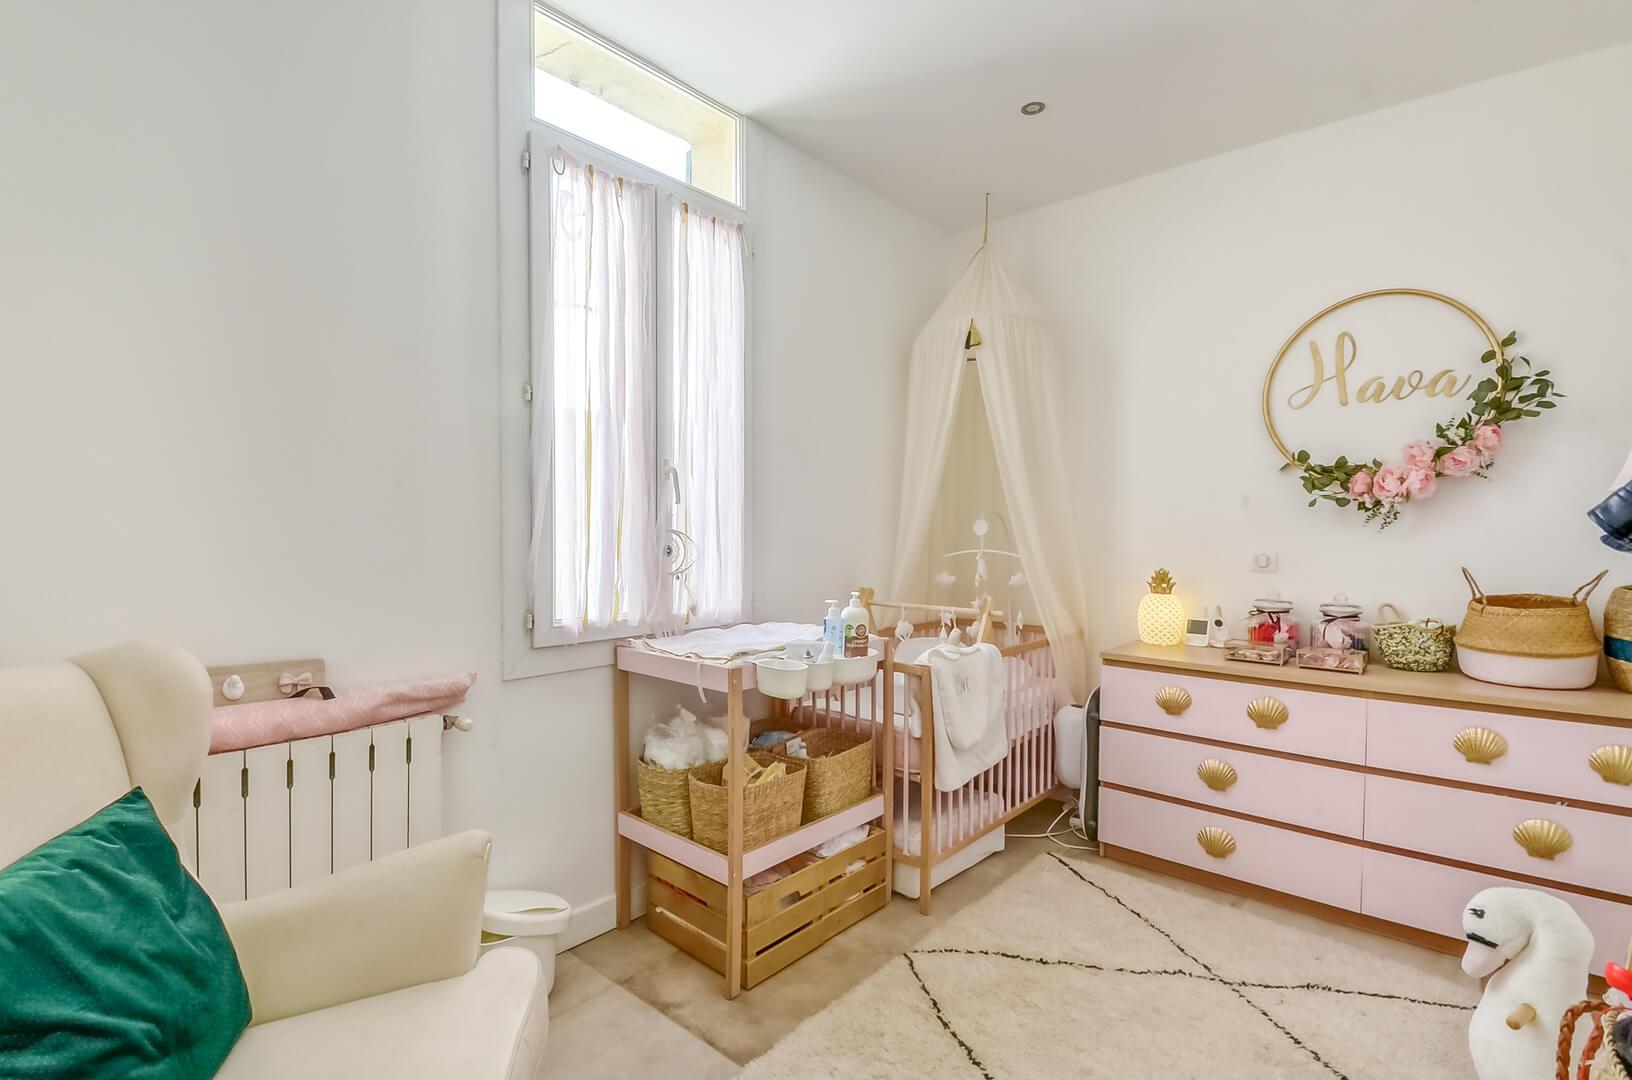 Homki - Vente Maison/villa  de 85.0 m² à Marseille 13013